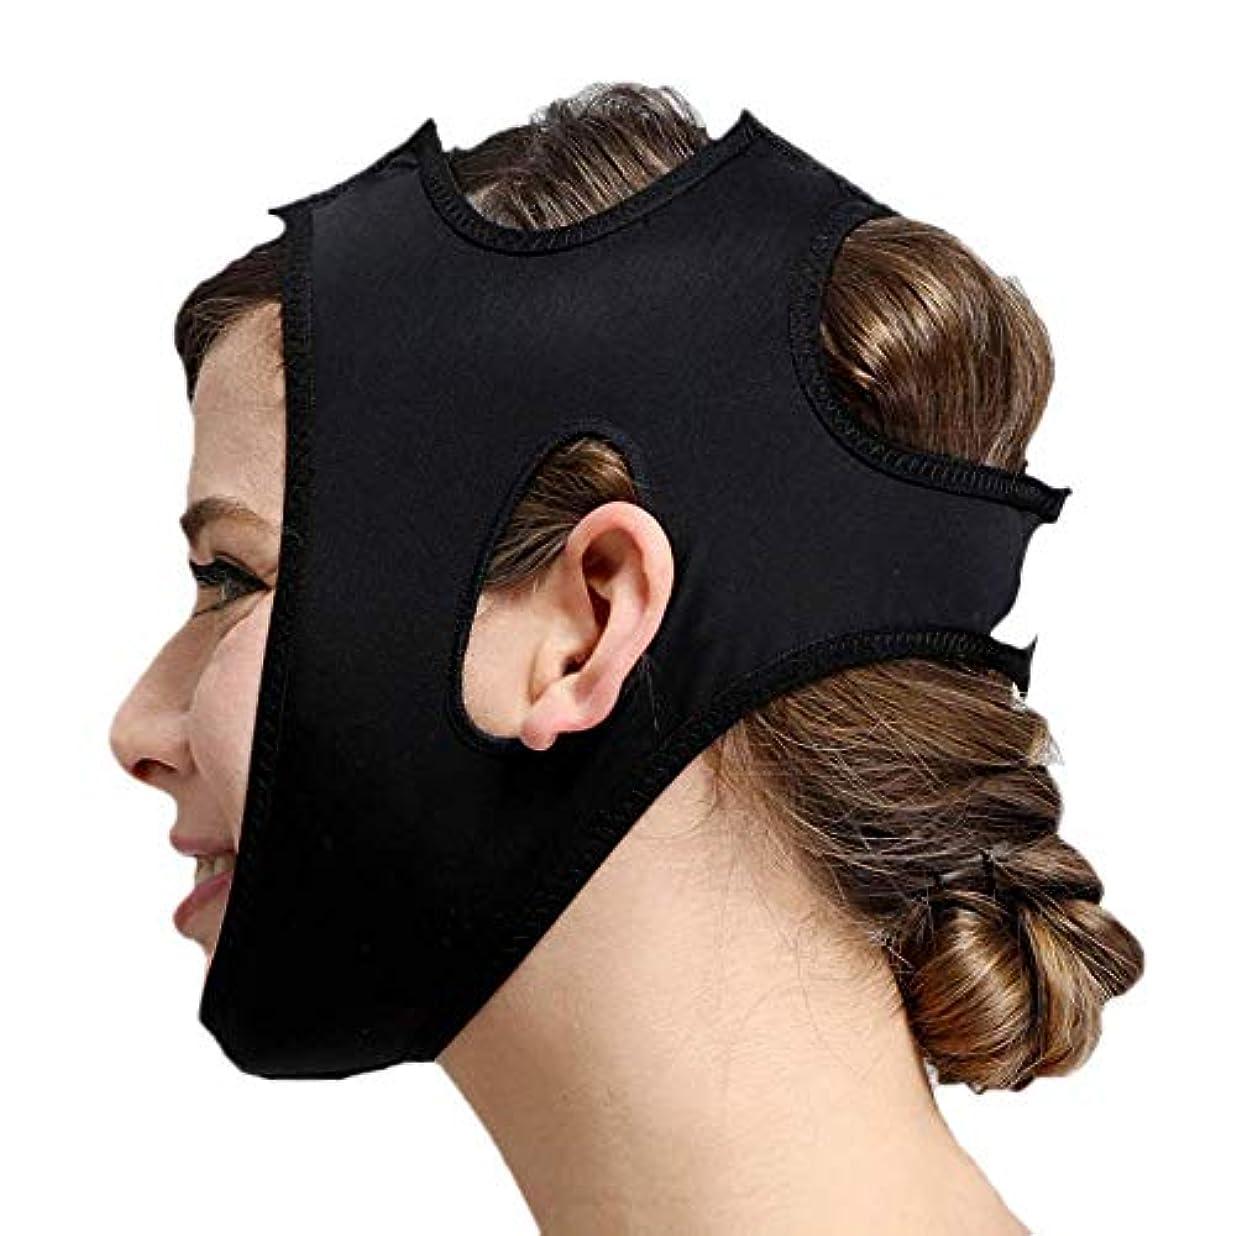 攻撃教育者厚くするフェイススリミングマスク、快適さと通気性、フェイシャルリフティング、輪郭の改善された硬さ、ファーミングとリフティングフェイス(カラー:ブラック、サイズ:XL),黒、XXL